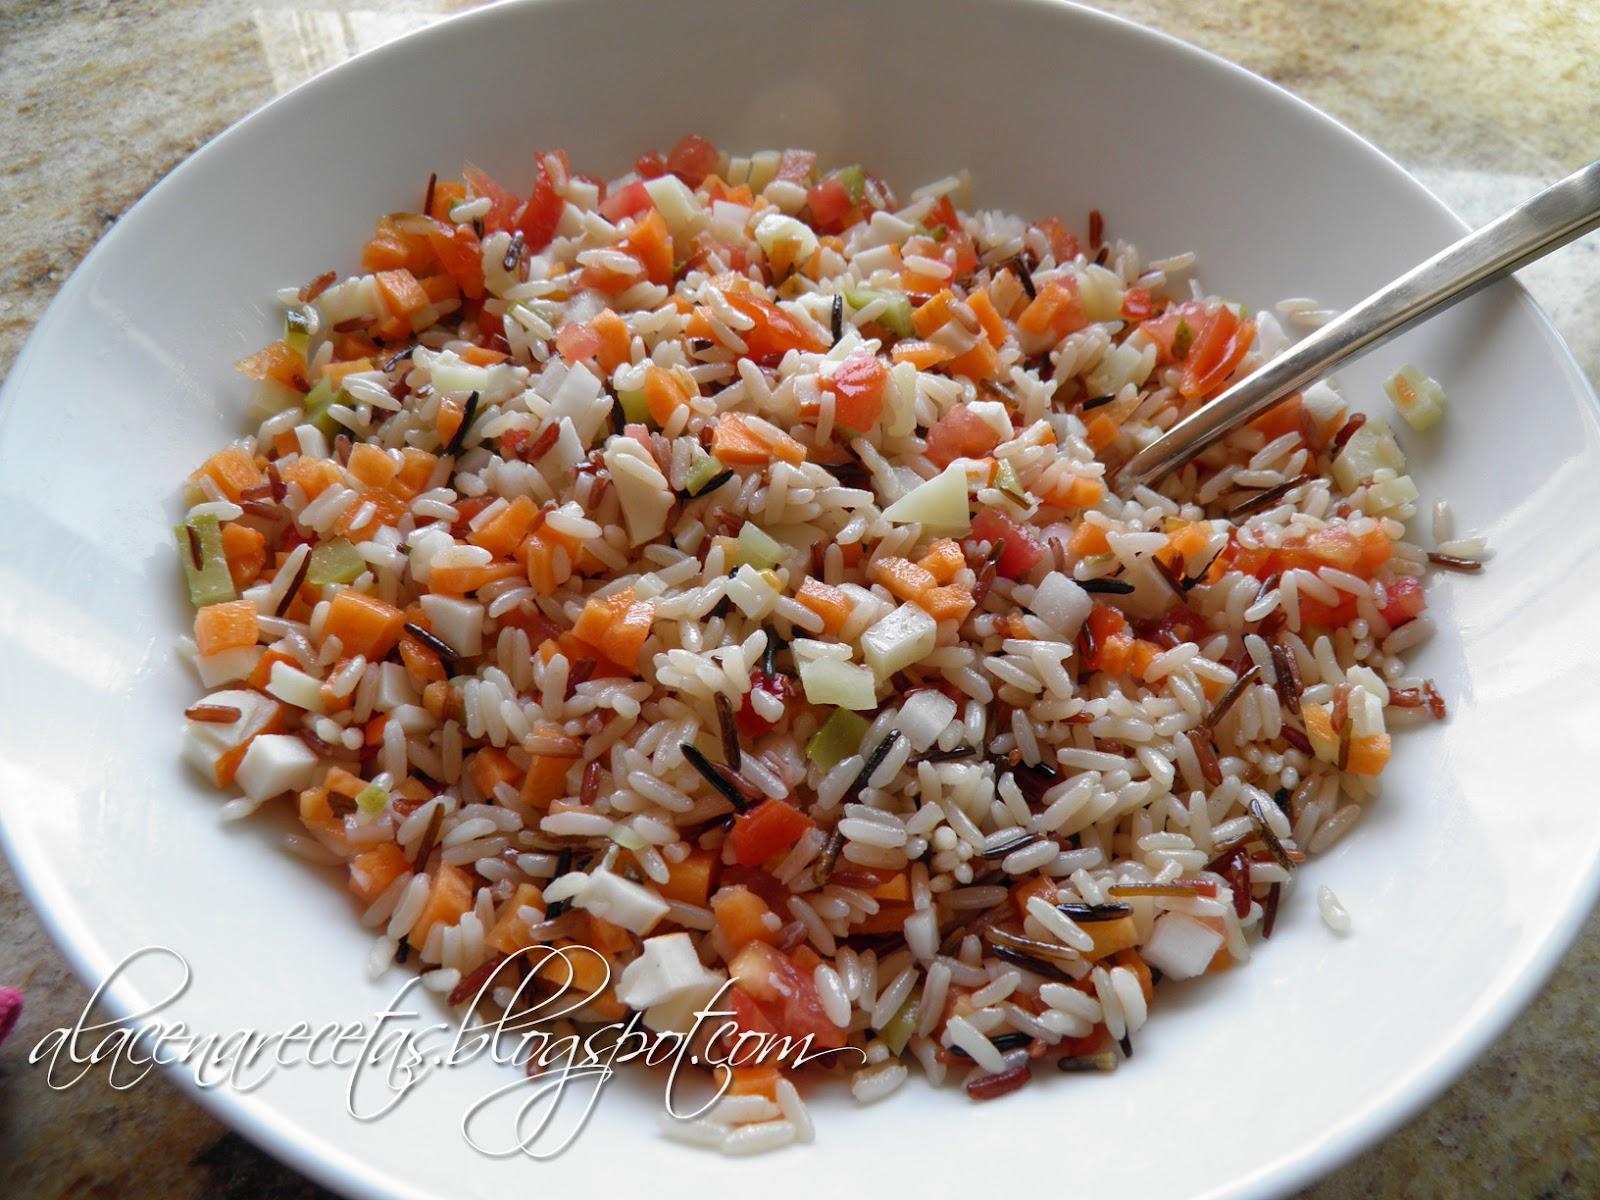 La alacena ensalada de arroz chuu chuu - Ensalada de arroz light ...